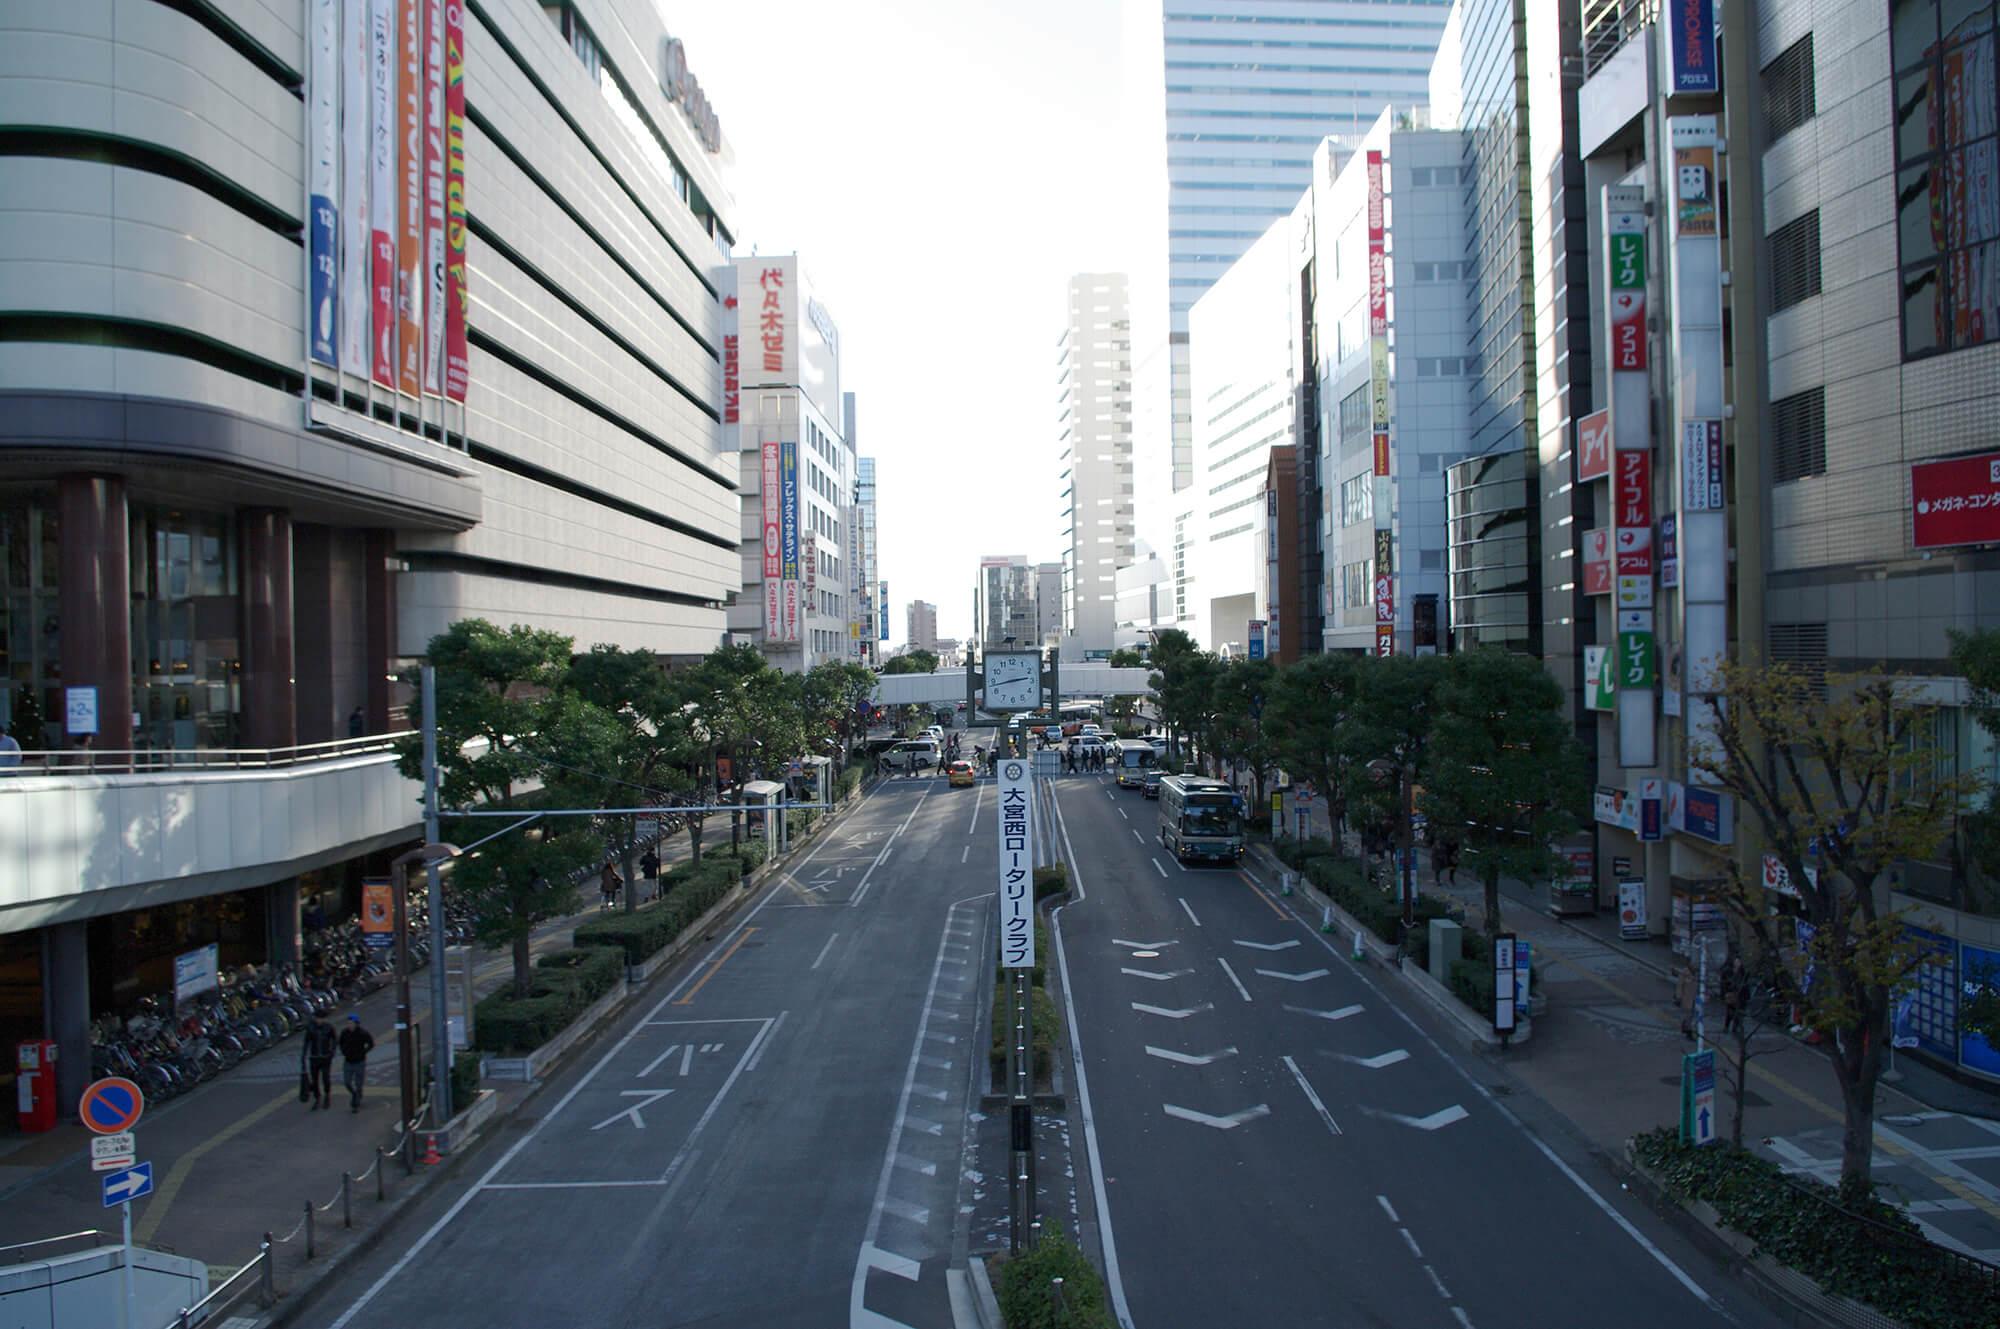 大宮(埼玉県さいたま市)で居抜きで飲食店を開業するための街情報